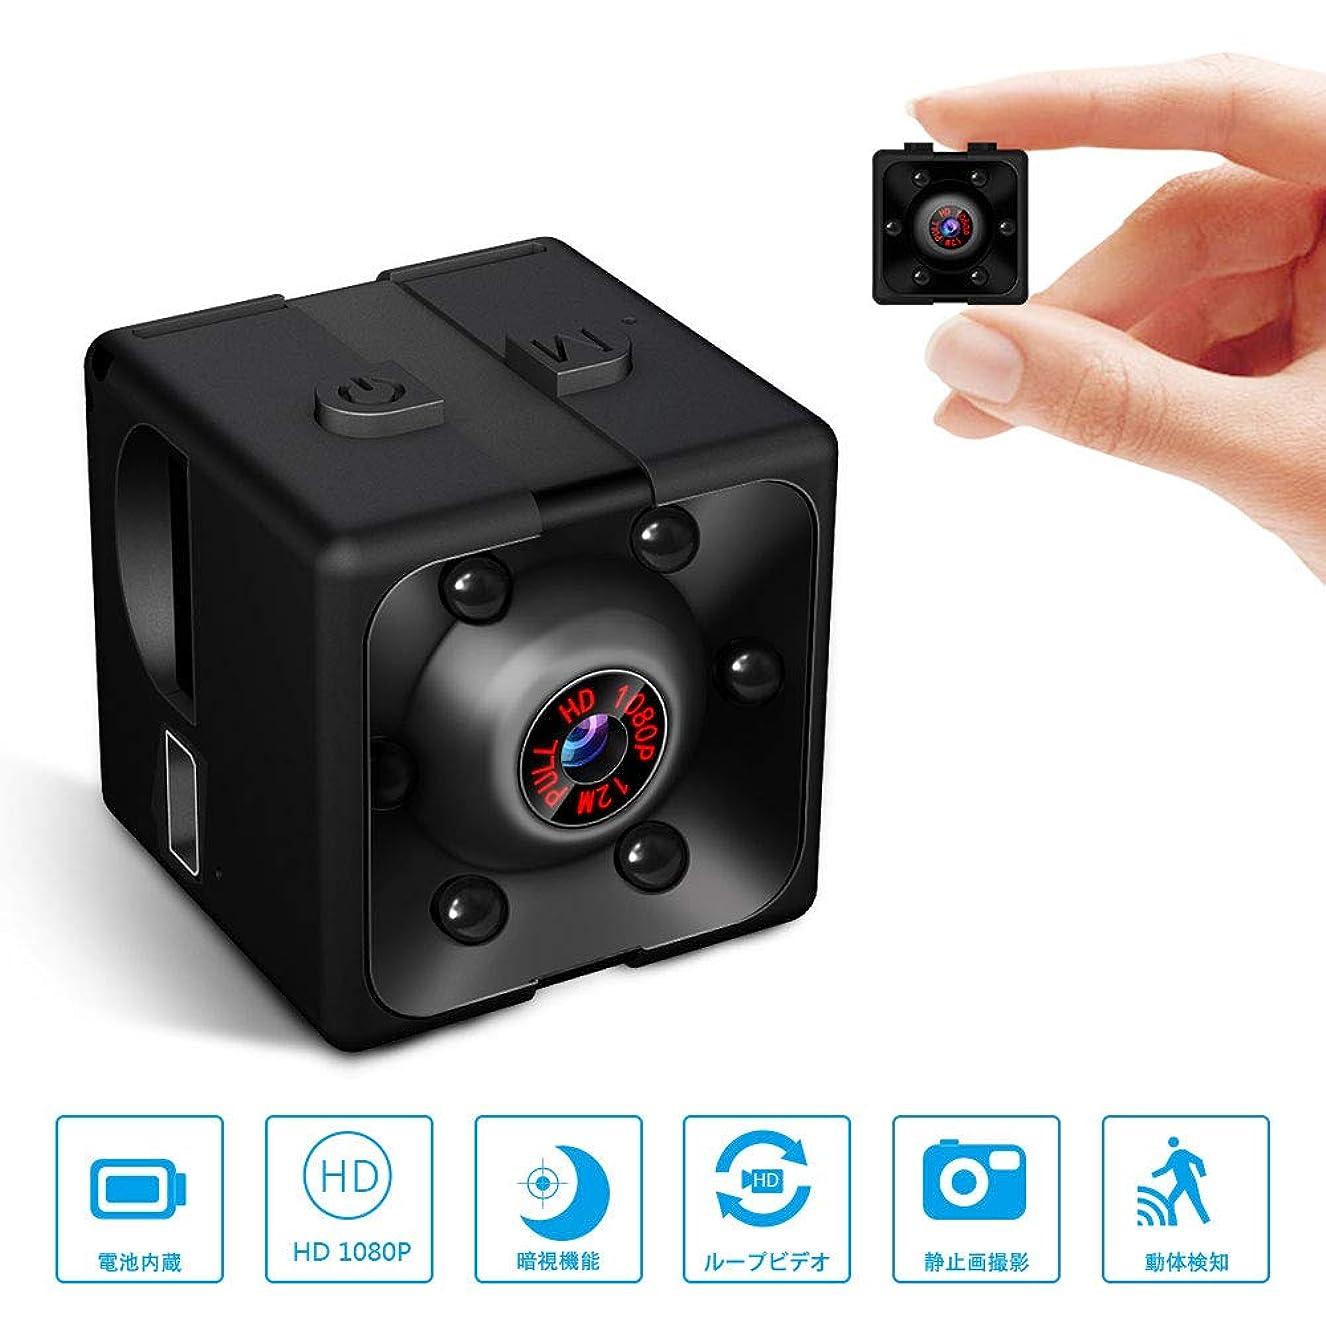 業界受付種をまくSupoggy 隠しカメラ 1080P高画質 超小型防犯カメラ 長時間録画可能 フルHD録画 小型カメラ 動体検知 暗視機能 録音 監視カメラ 充電式 充電しながら撮影可能 探偵 浮気調査 ミニ ドライブレコーダー